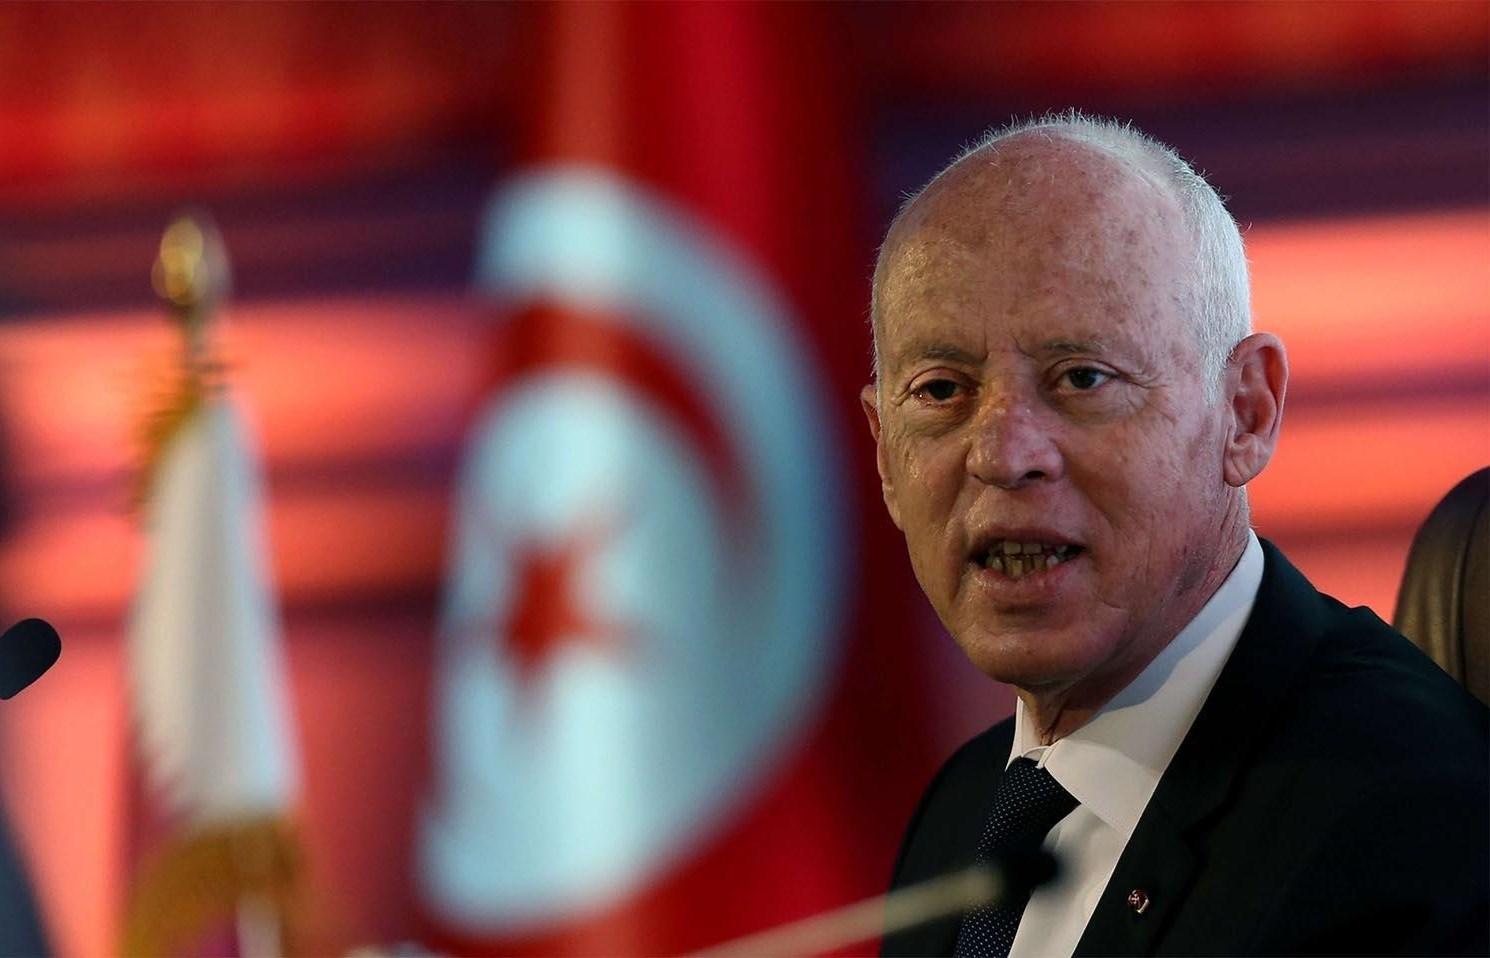 قالت الرئاسة التونسية أنّ الظرف المشبوه موجود لدى مصالح وزارة الداخلية.